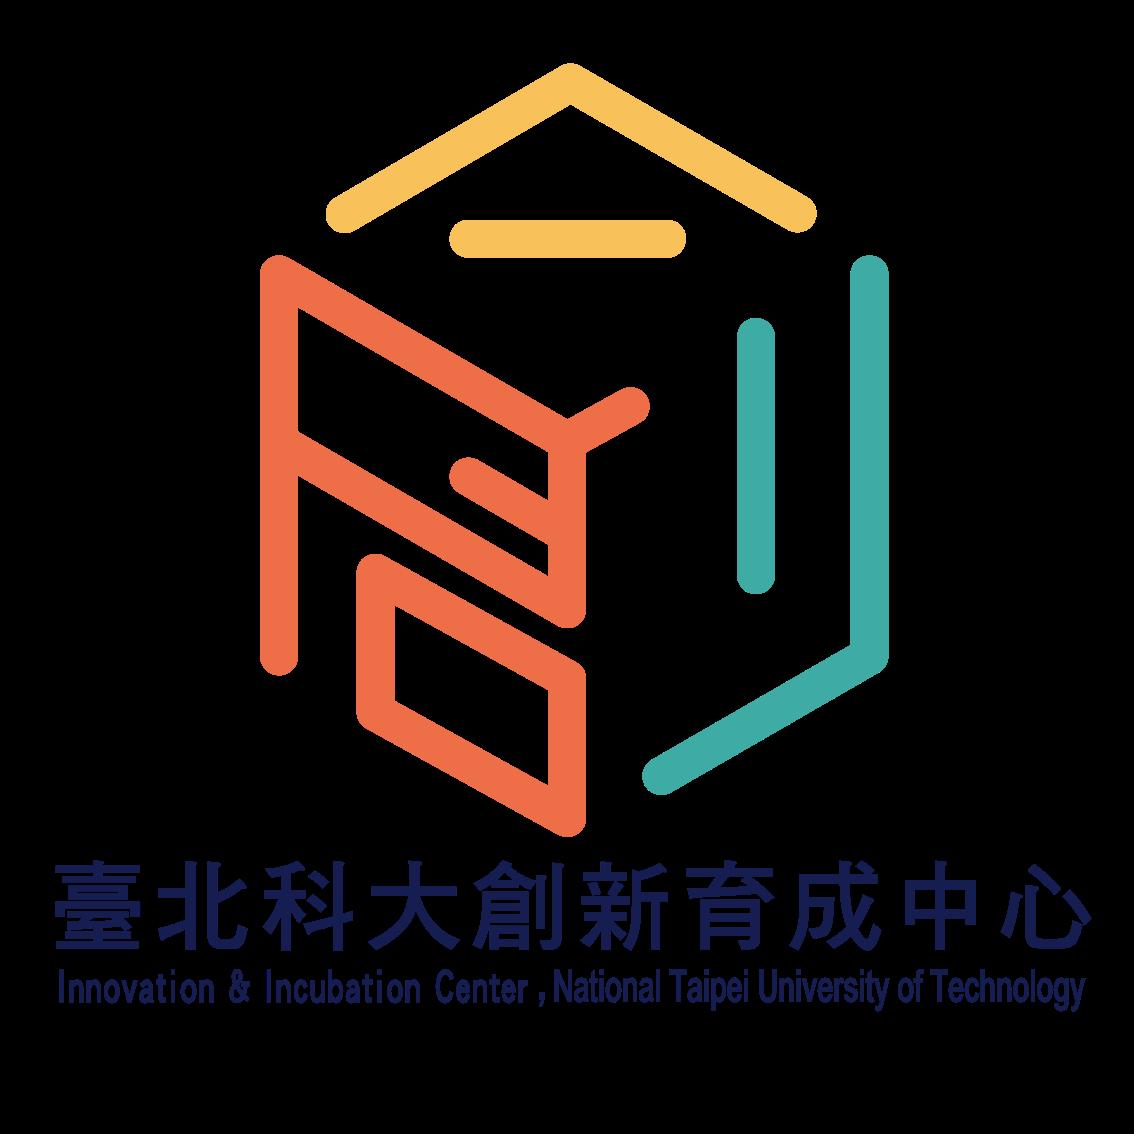 國立台北科大創新育成中心